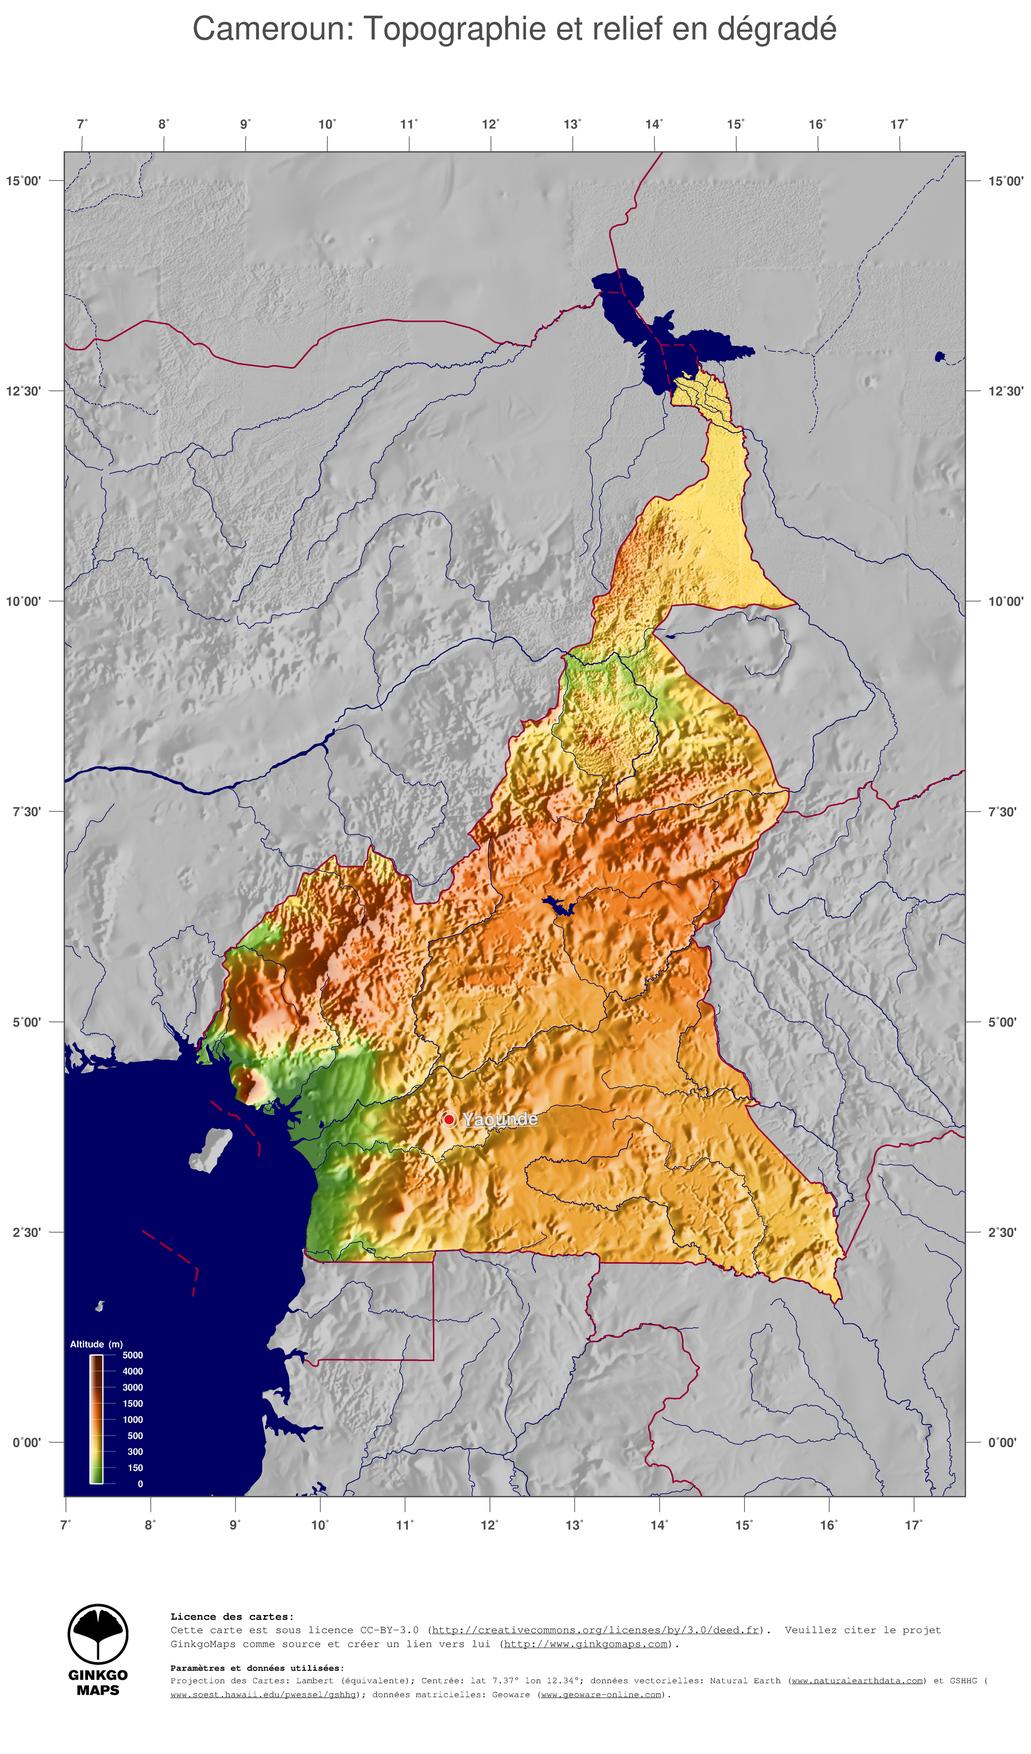 cameroun relief